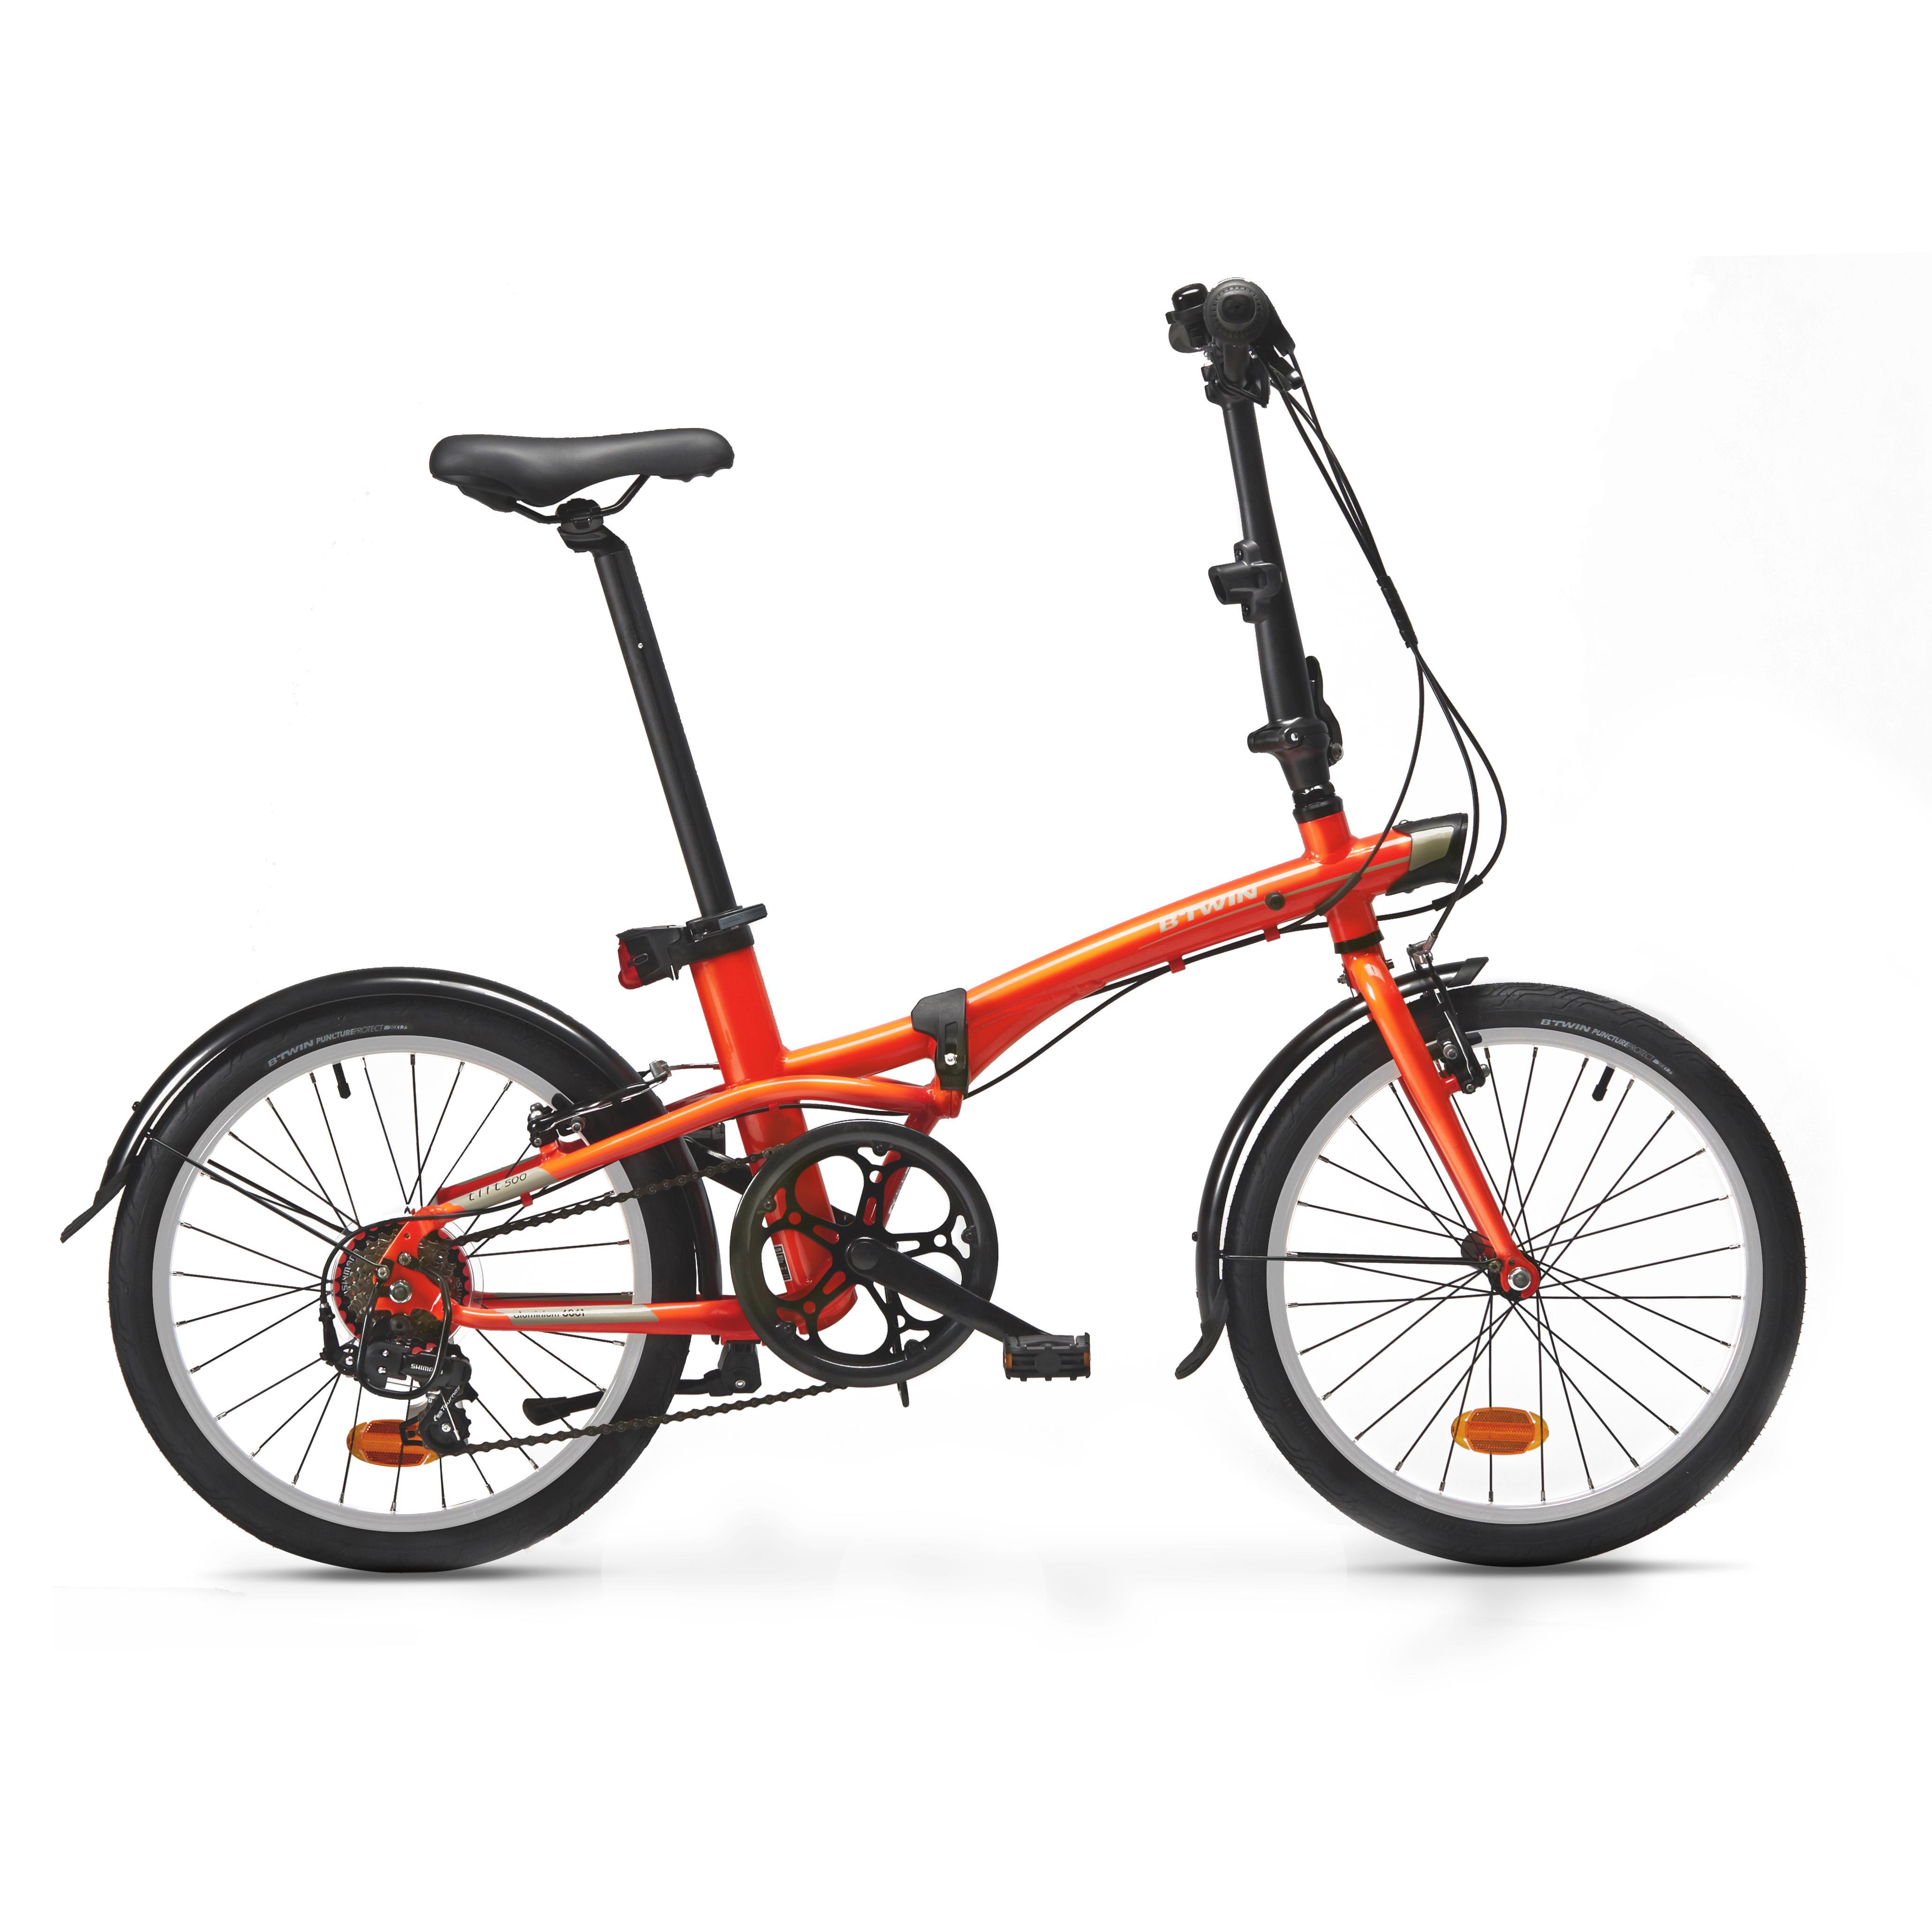 Bicicletă Pliabilă TILT 500 imagine produs